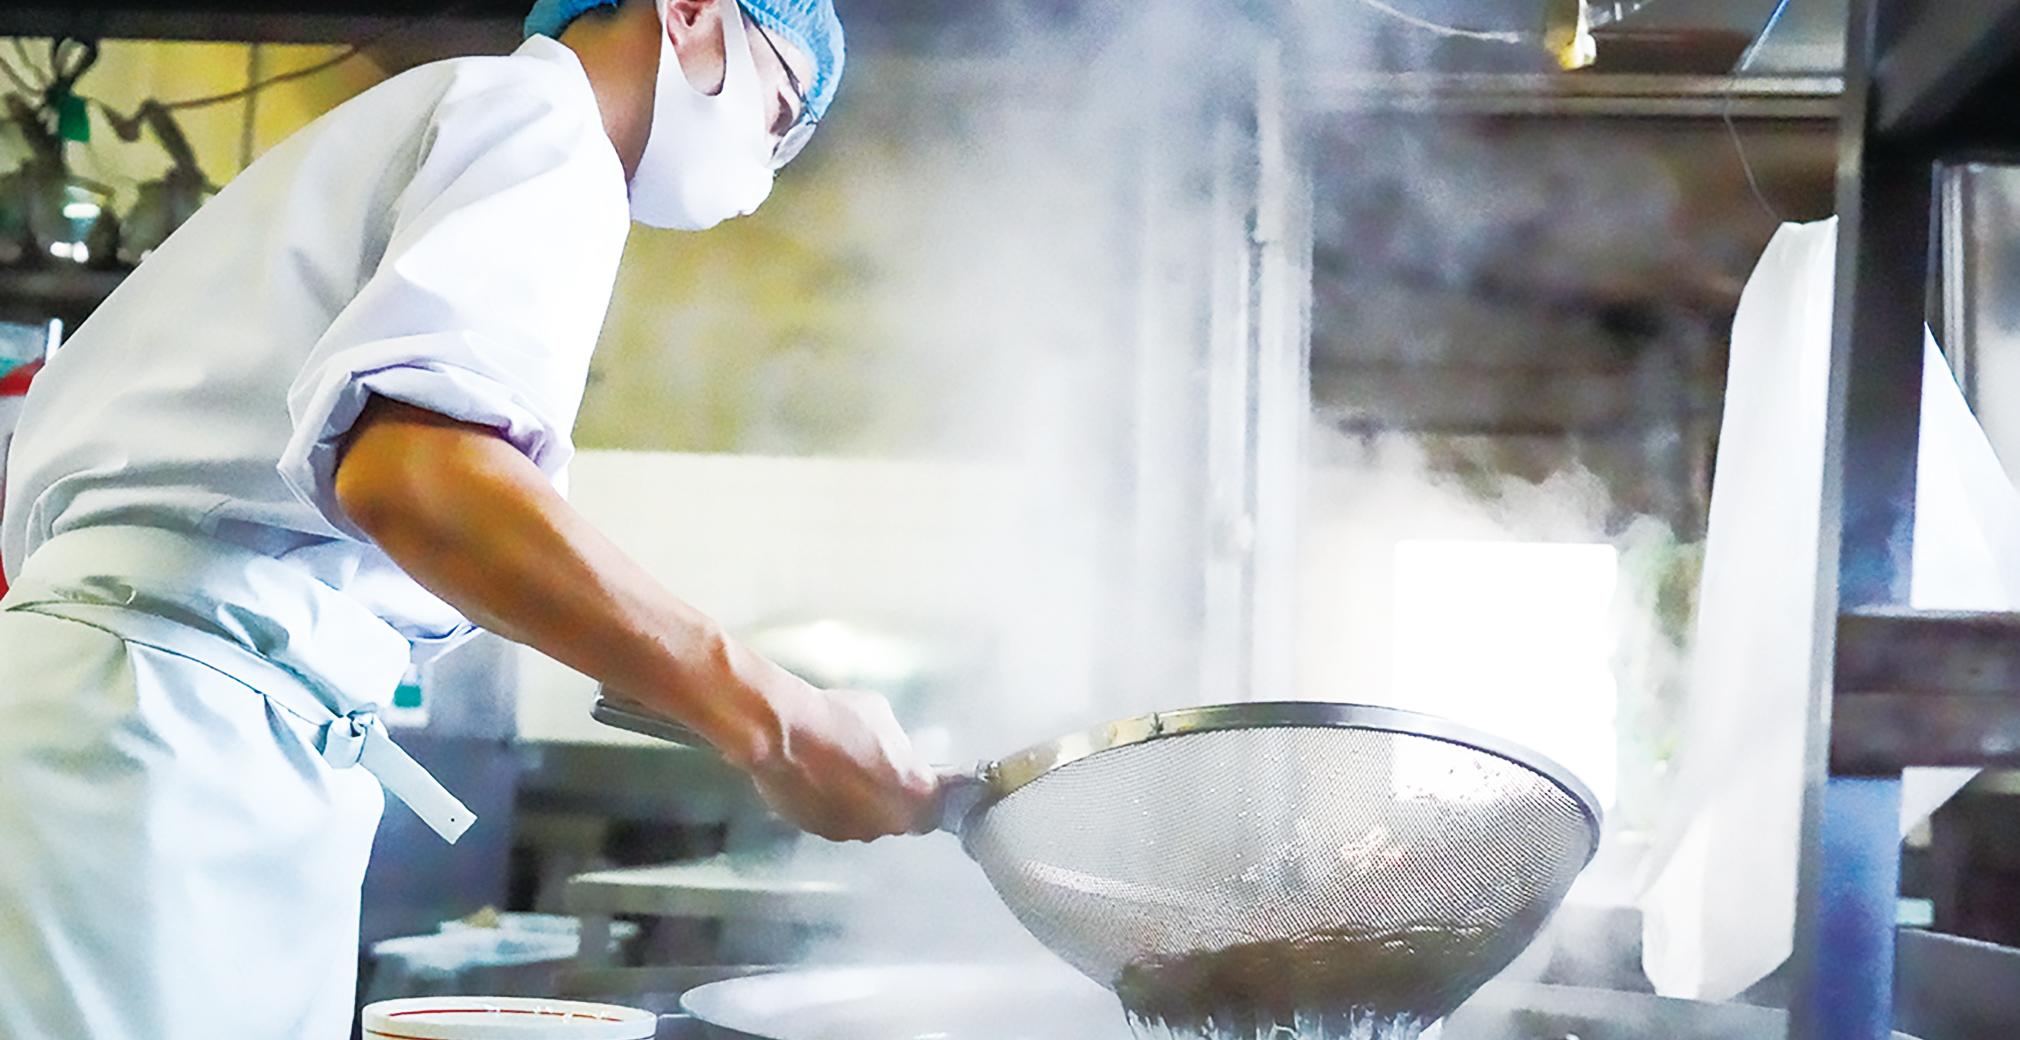 《草津 名店ファイル Vol.9》<br /> 伝統を大切に、美味しさにこだわり続ける お蕎麦屋さん「名代宿場そば」